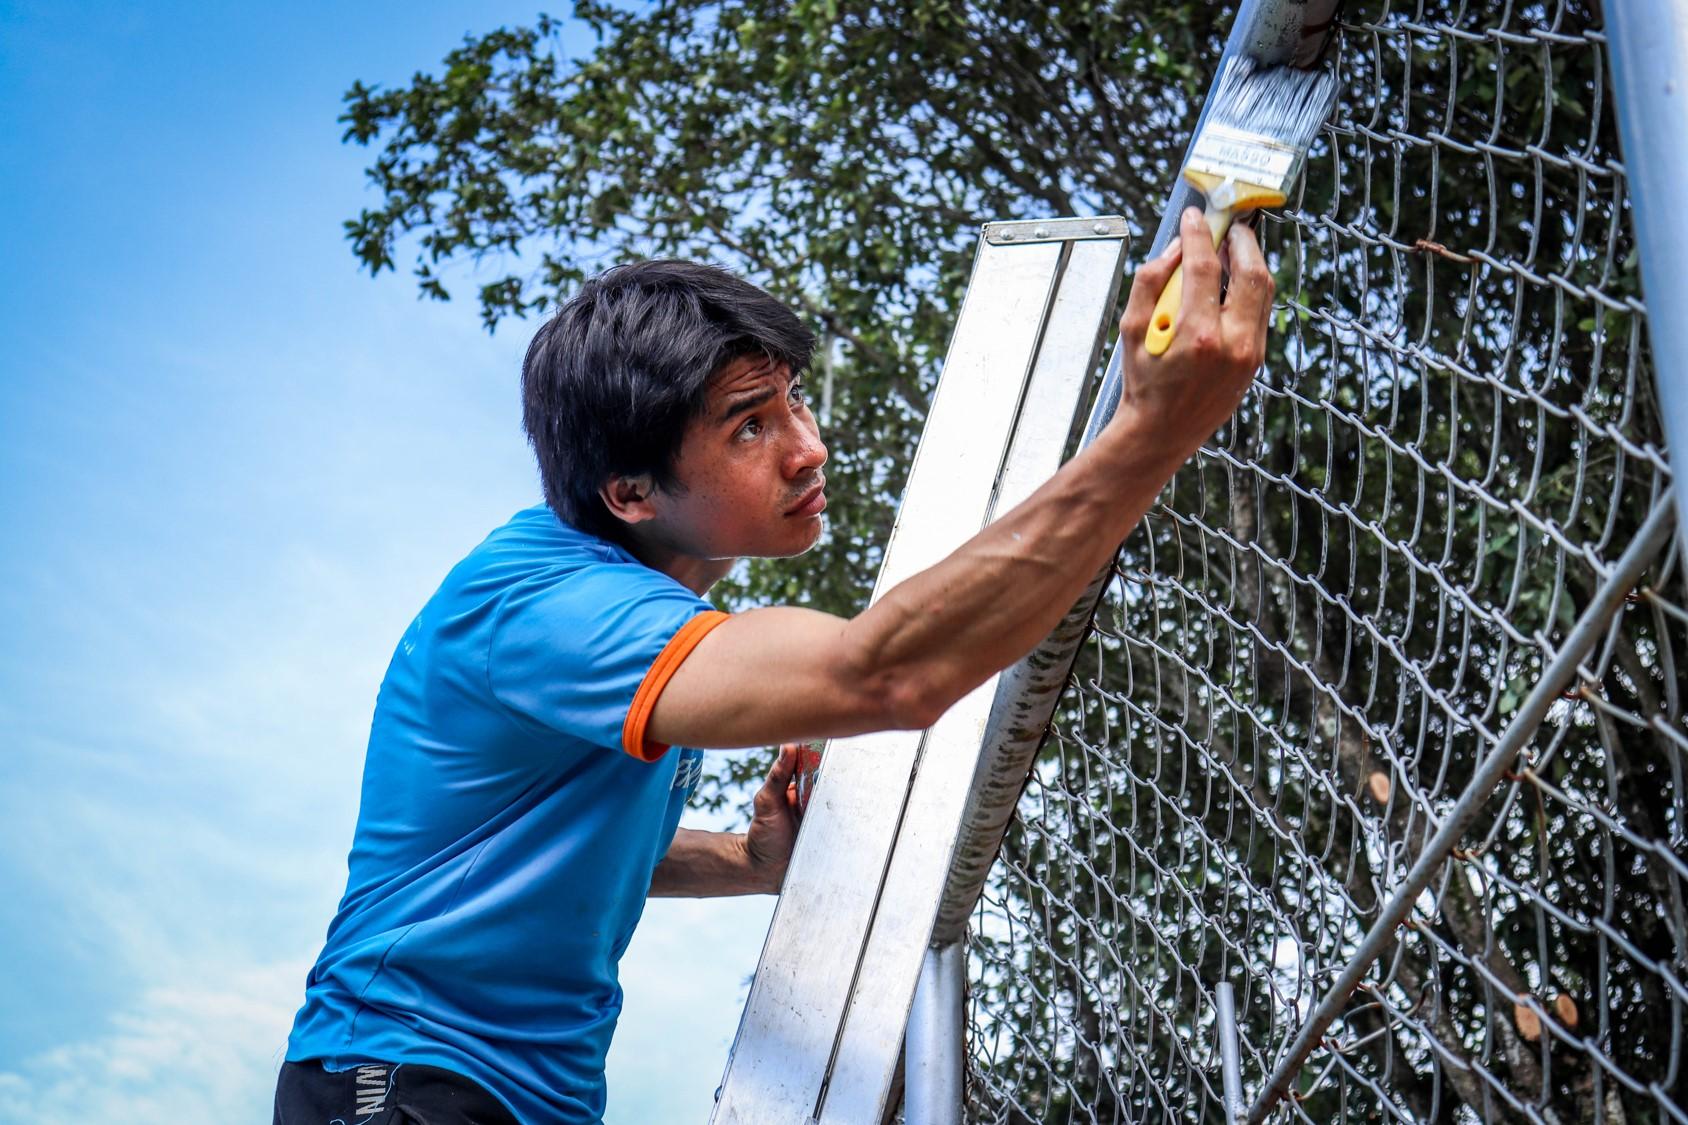 Voluntarios del norte de Colombia reconstruyeron, edificaron y compartieron mensajes de esperanza durante la 6ta edición de Misión Transforma